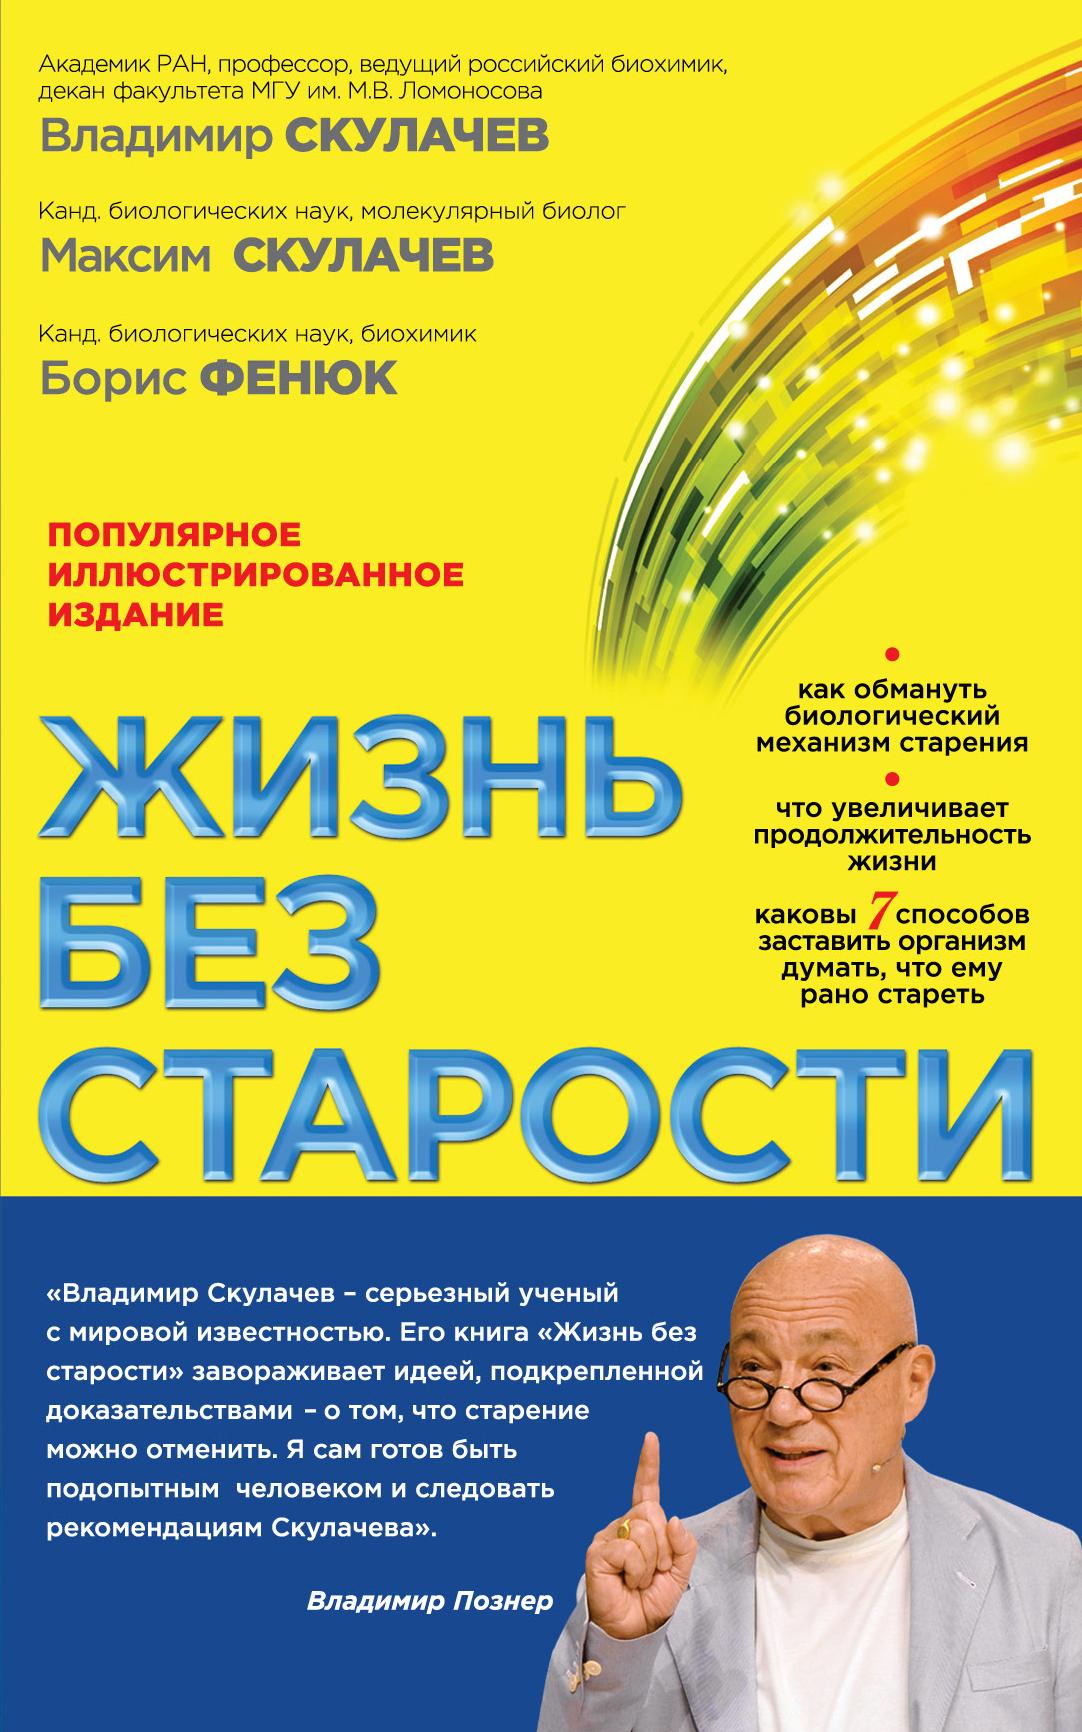 Жизнь без старости. В.П. Скулачев, М.В. Скулачев, Б.А. Фенюк